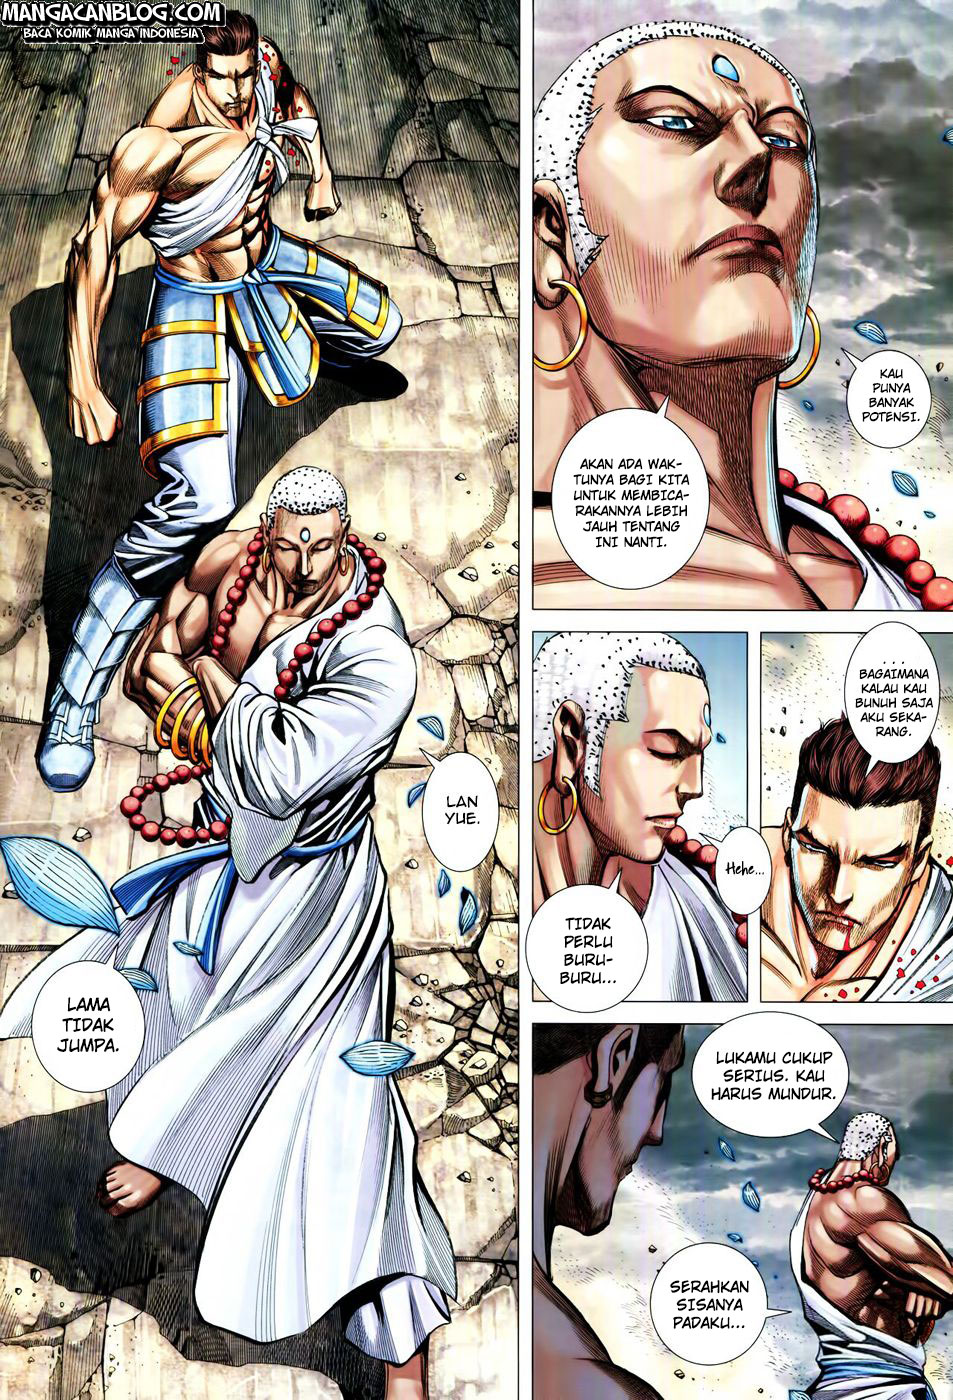 Dilarang COPAS - situs resmi www.mangacanblog.com - Komik feng shen ji 2 127 - mati tanpa penyesalan 128 Indonesia feng shen ji 2 127 - mati tanpa penyesalan Terbaru 19|Baca Manga Komik Indonesia|Mangacan